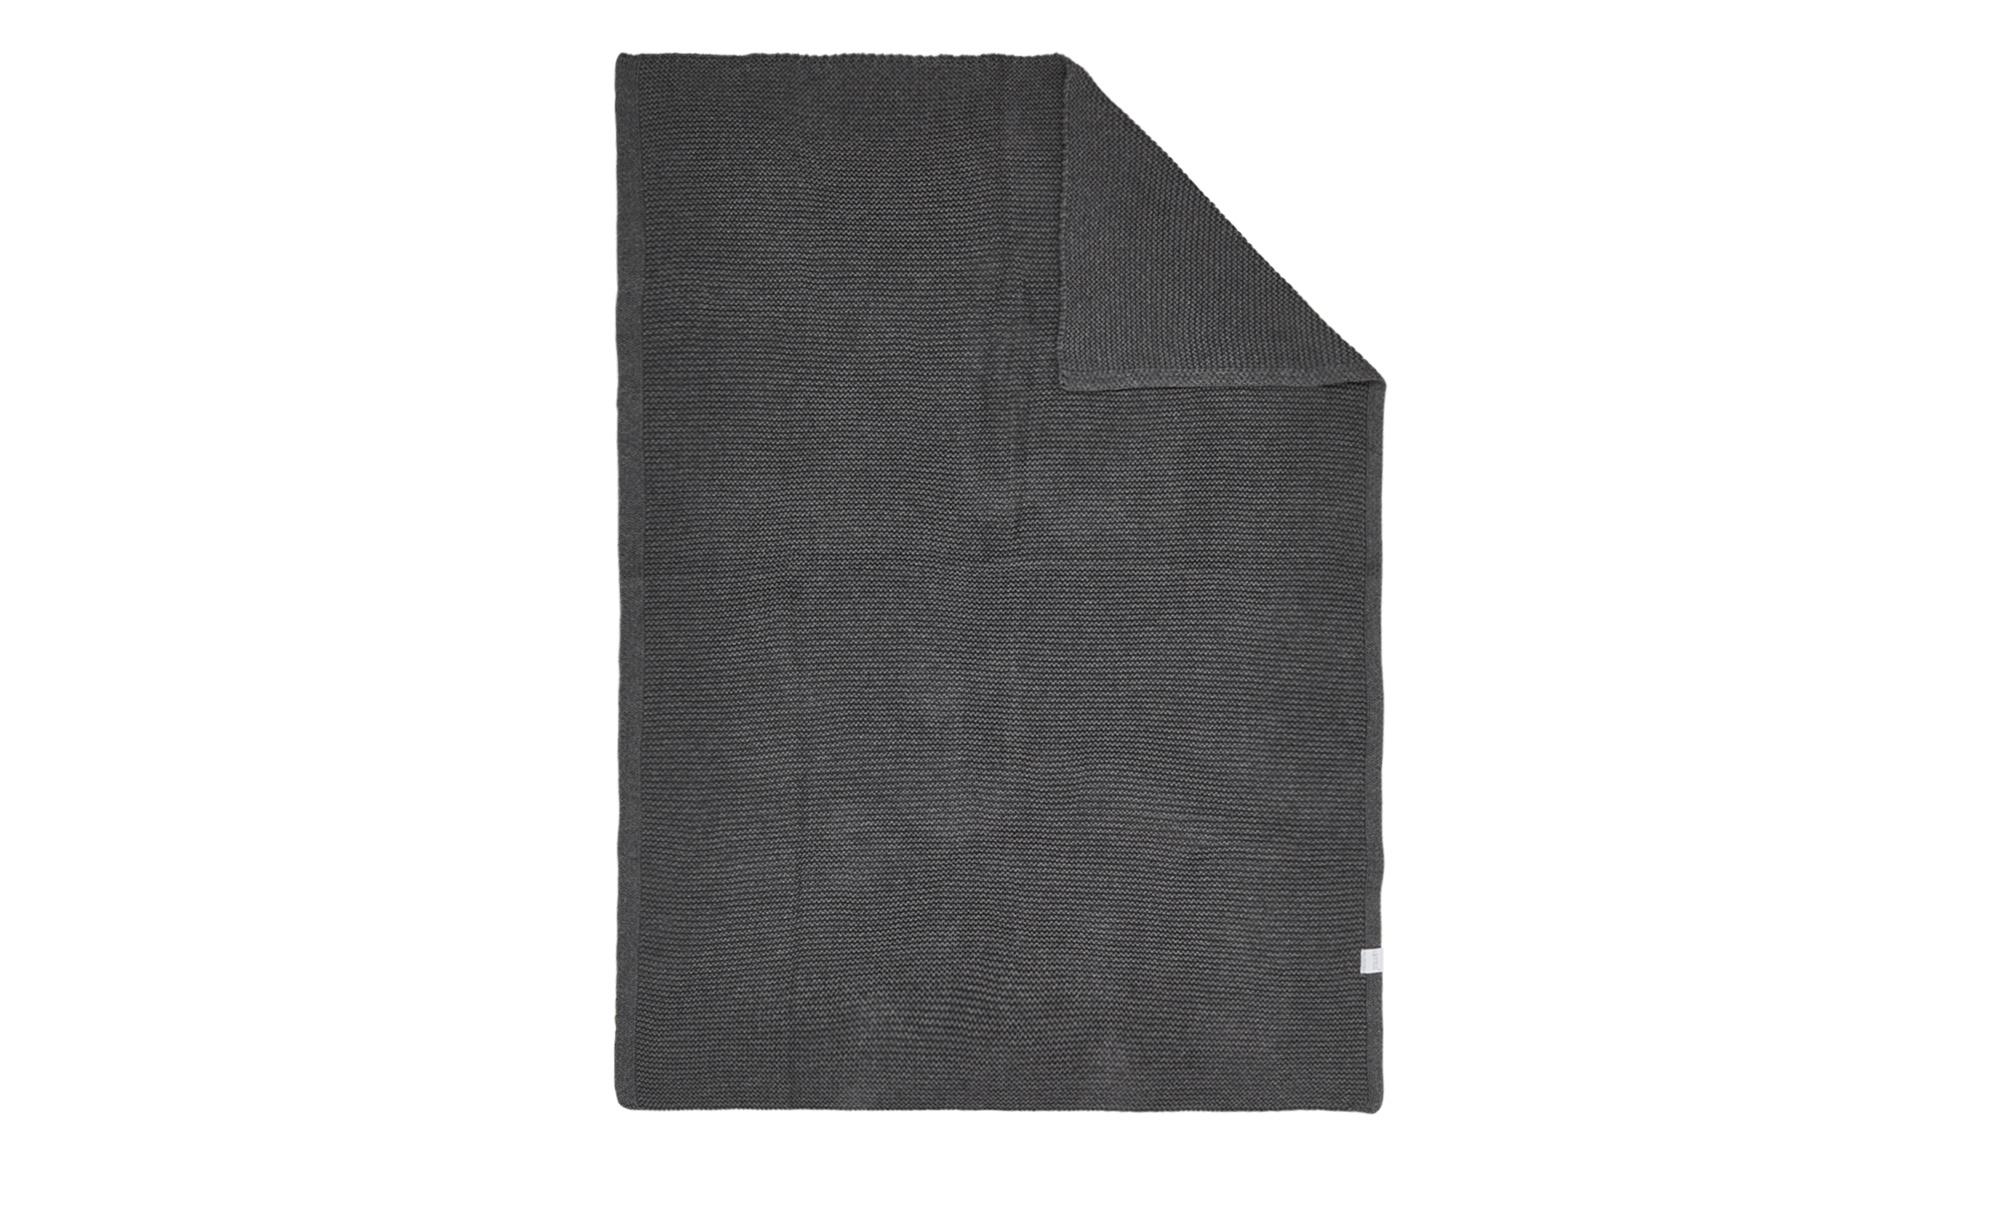 Babystrickdecke - grau - 100% Baumwolle - 75 cm - Baby > Baby Textilien > Babydecken - Möbel Kraft | Kinderzimmer > Textilien für Kinder > Babytextilien | Sconto